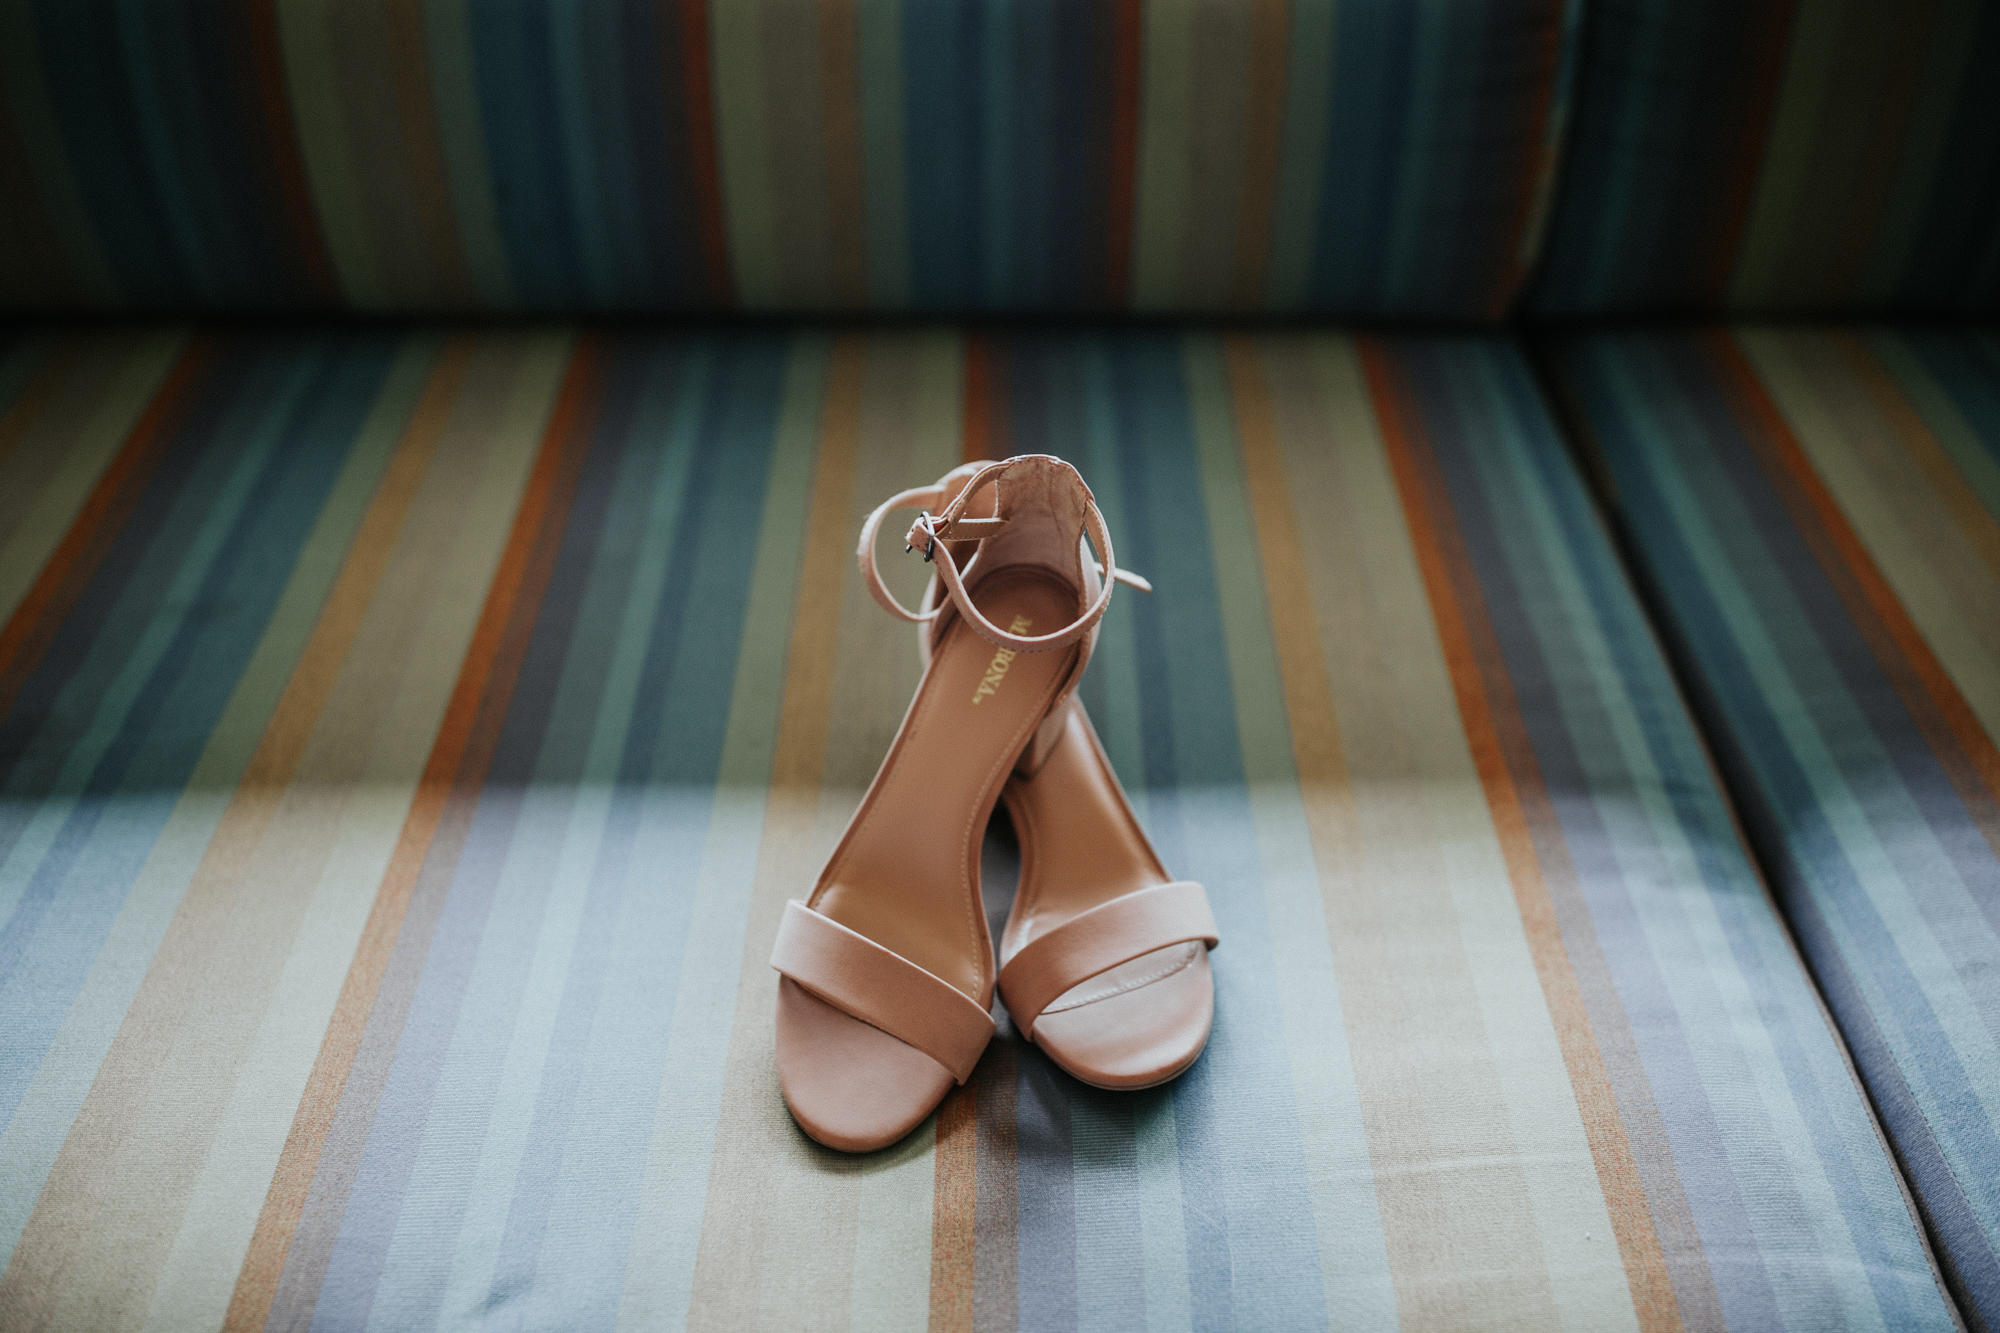 destination-wedding-photographer-hawaii-maui-elopement-7.jpg